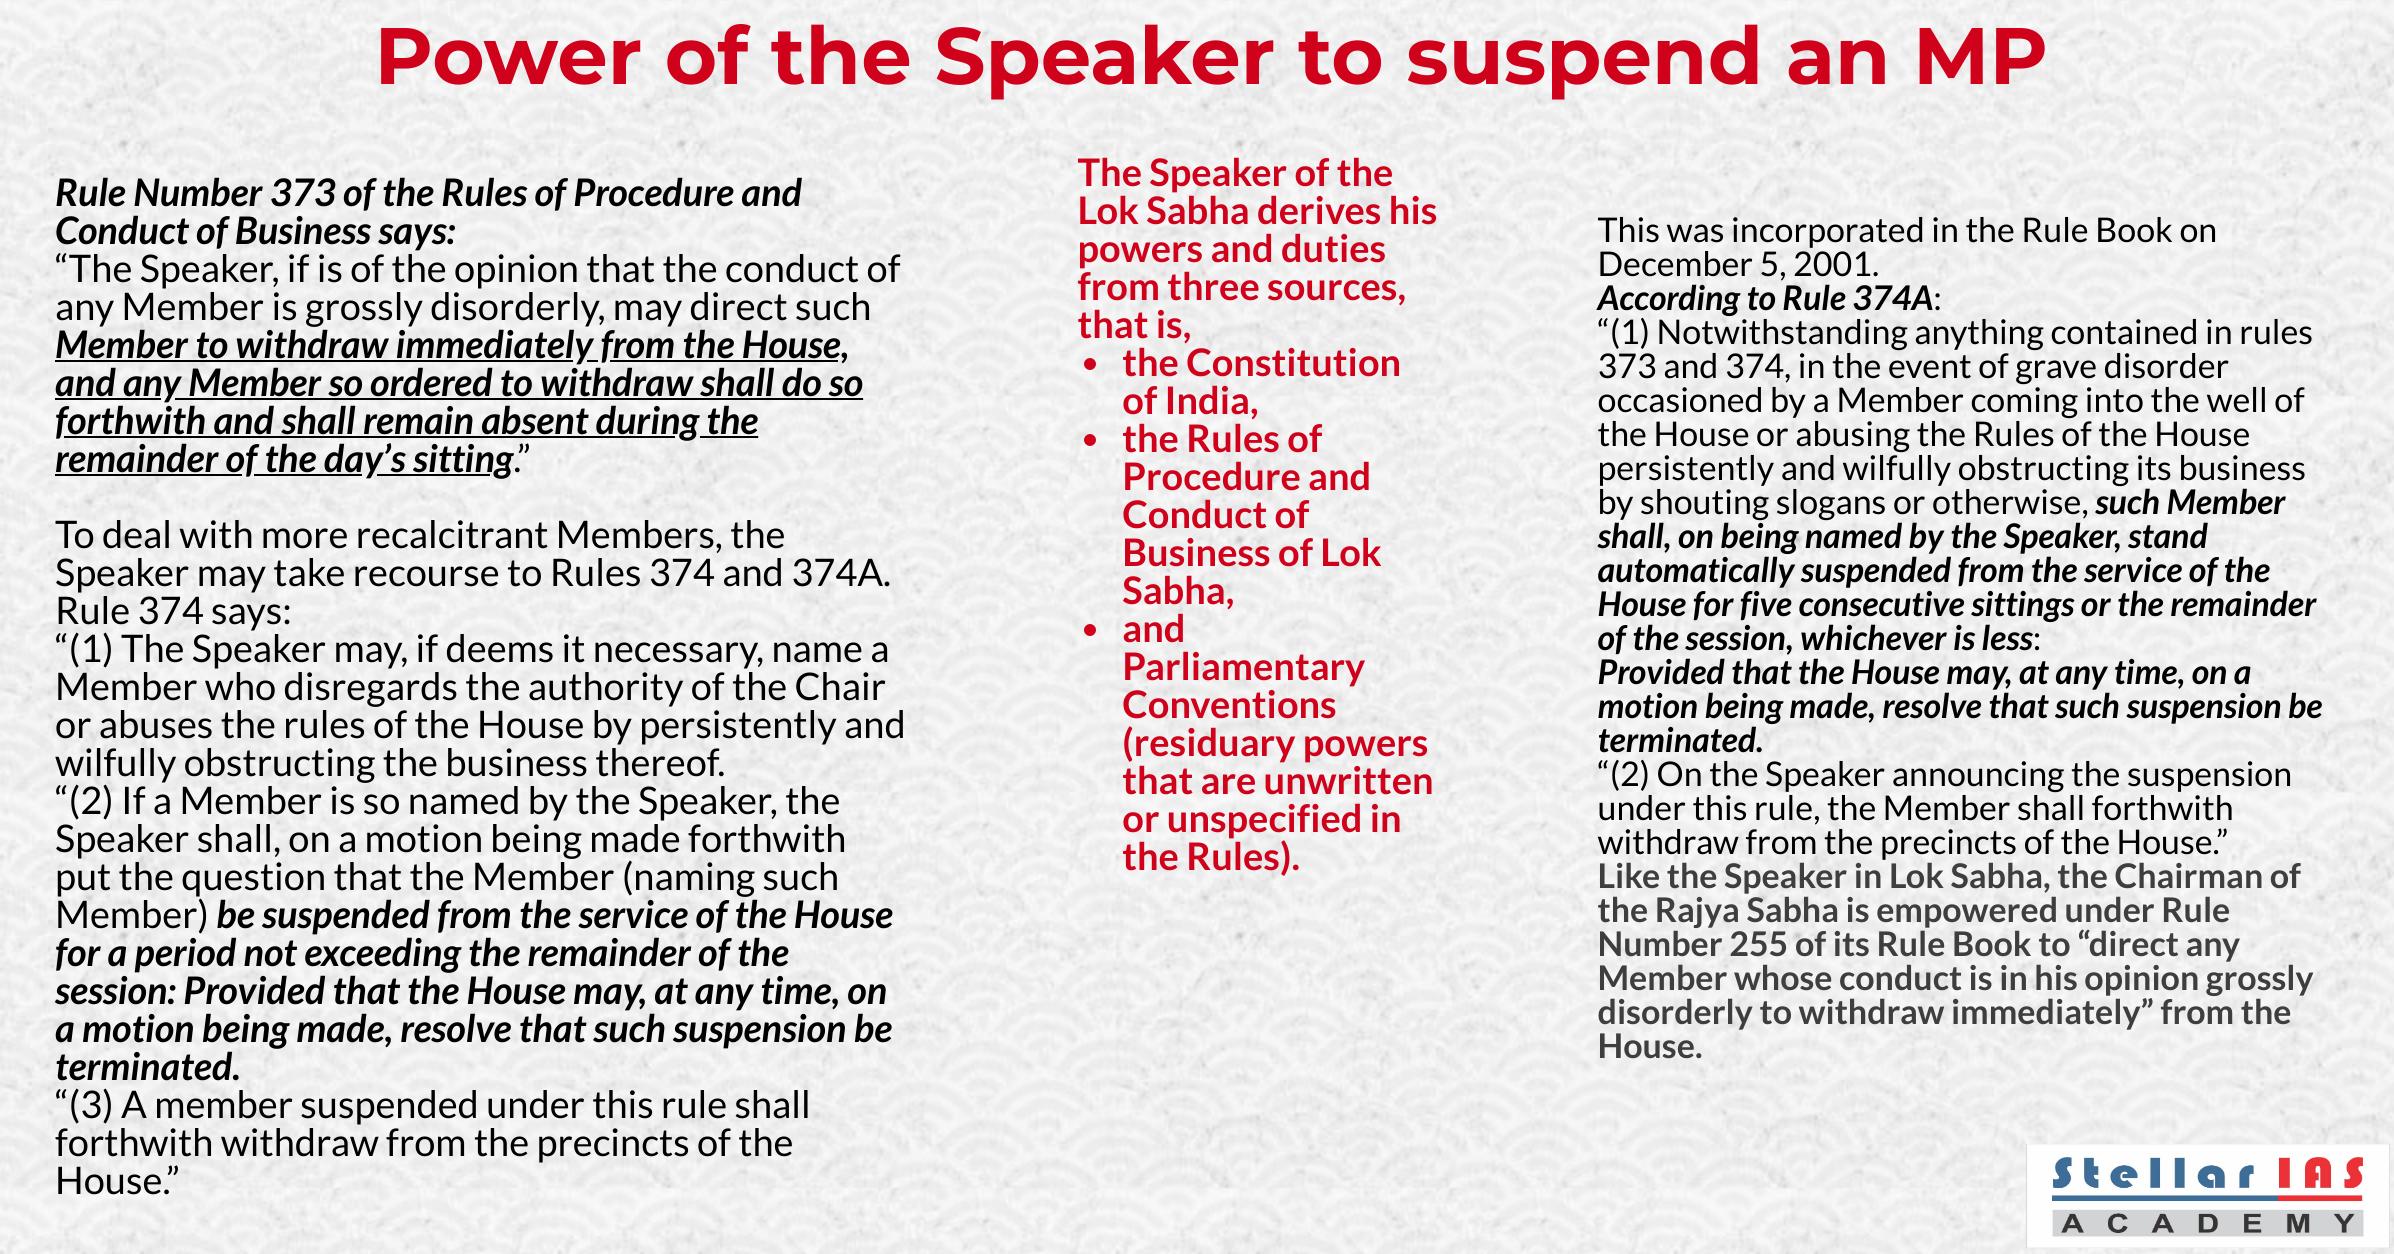 Power of Speaker to suspend an MP - Stellar IAS Academy